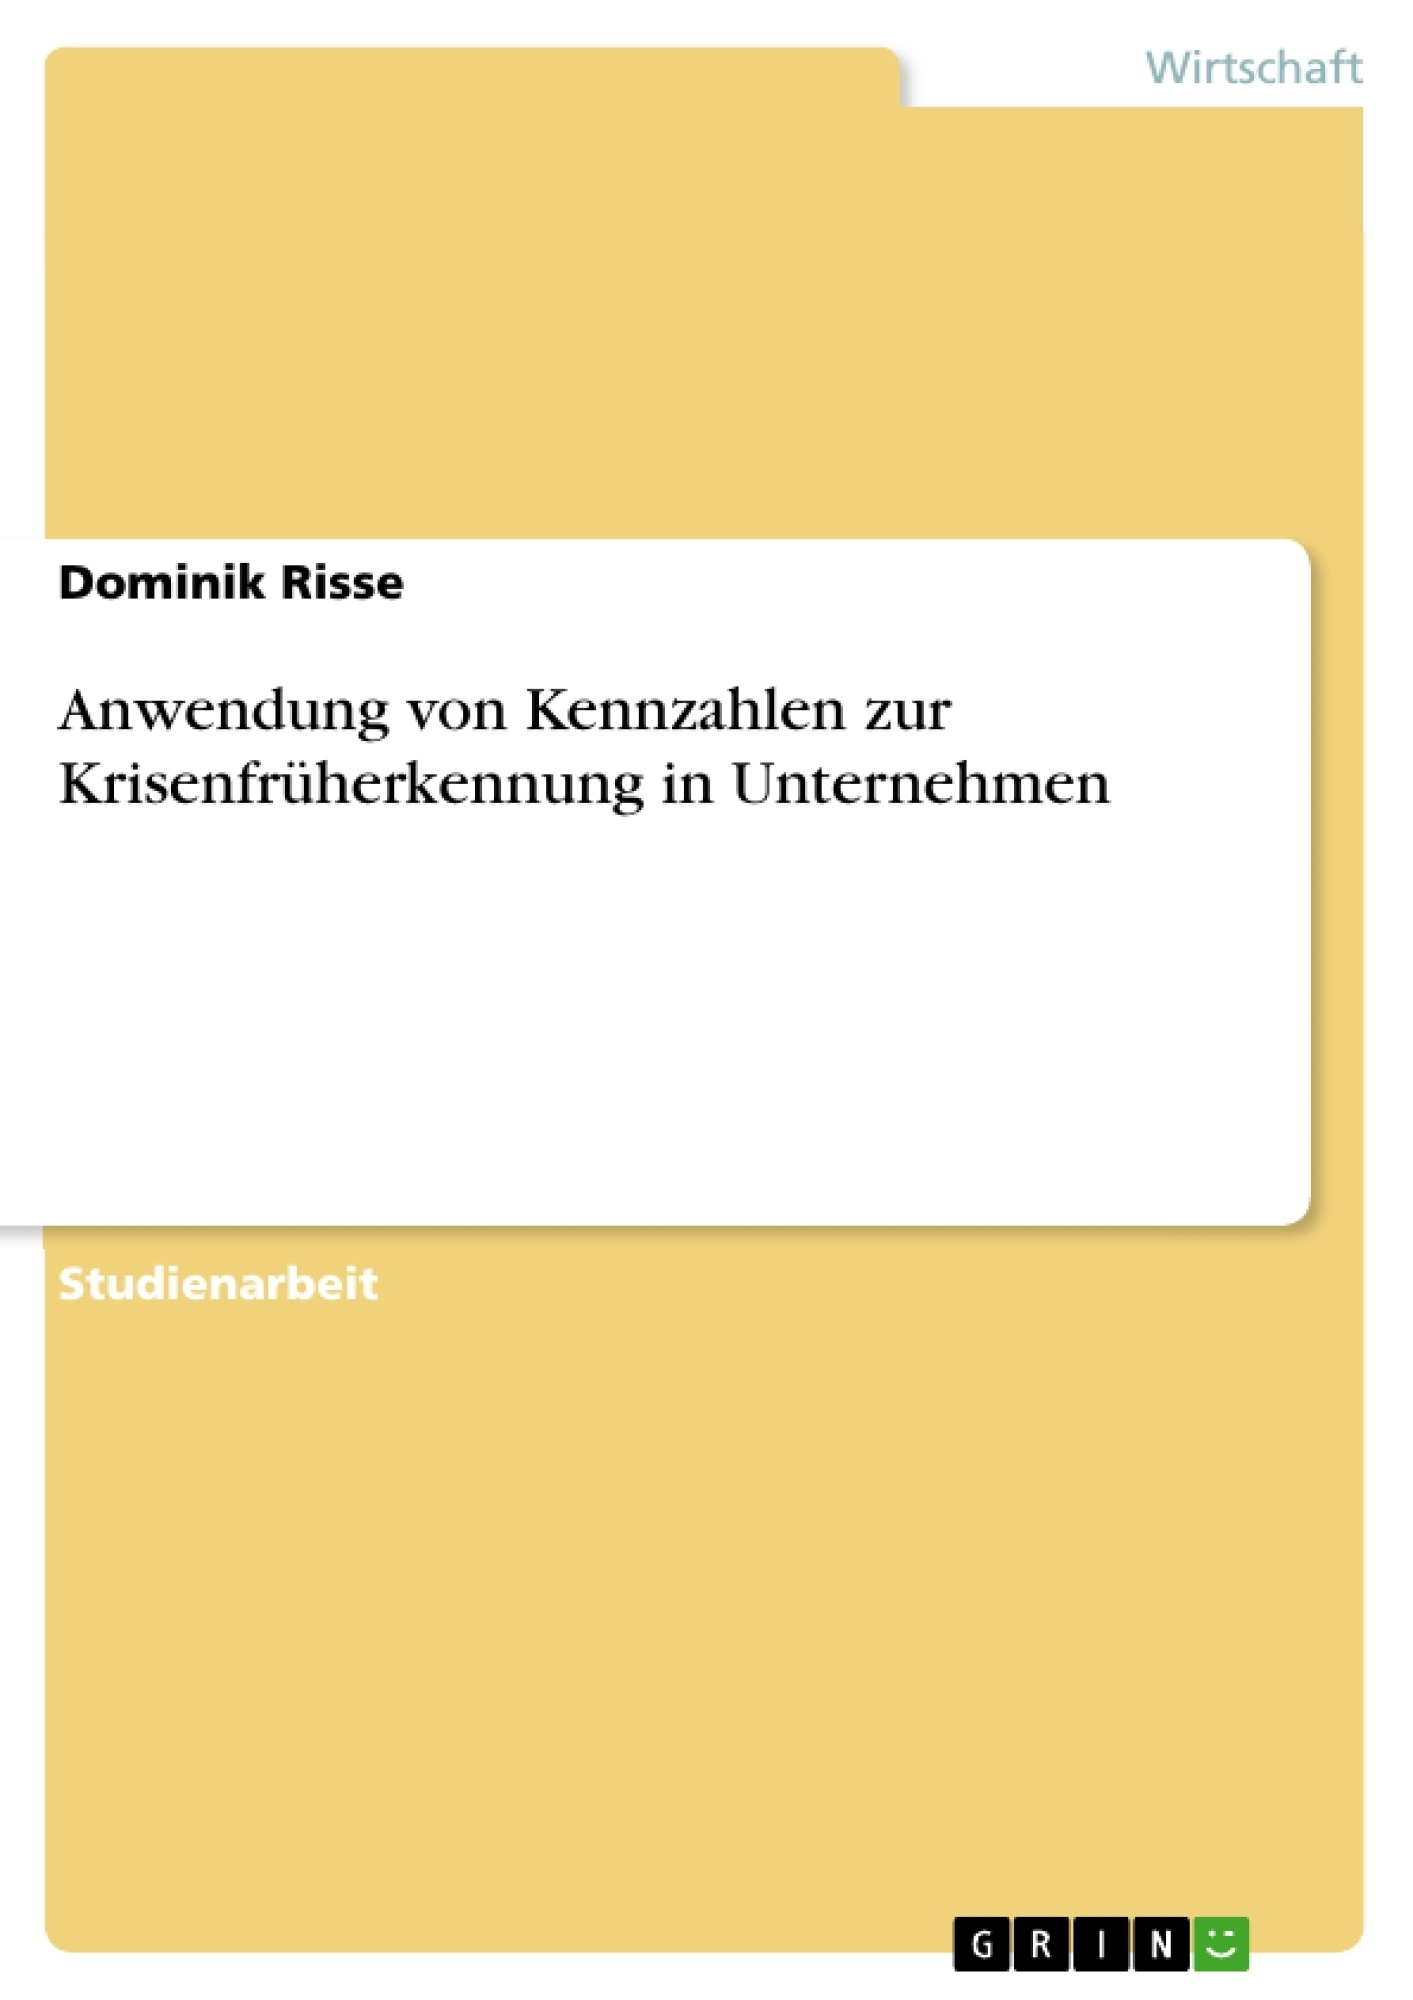 Titel: Anwendung von Kennzahlen zur Krisenfrüherkennung in Unternehmen